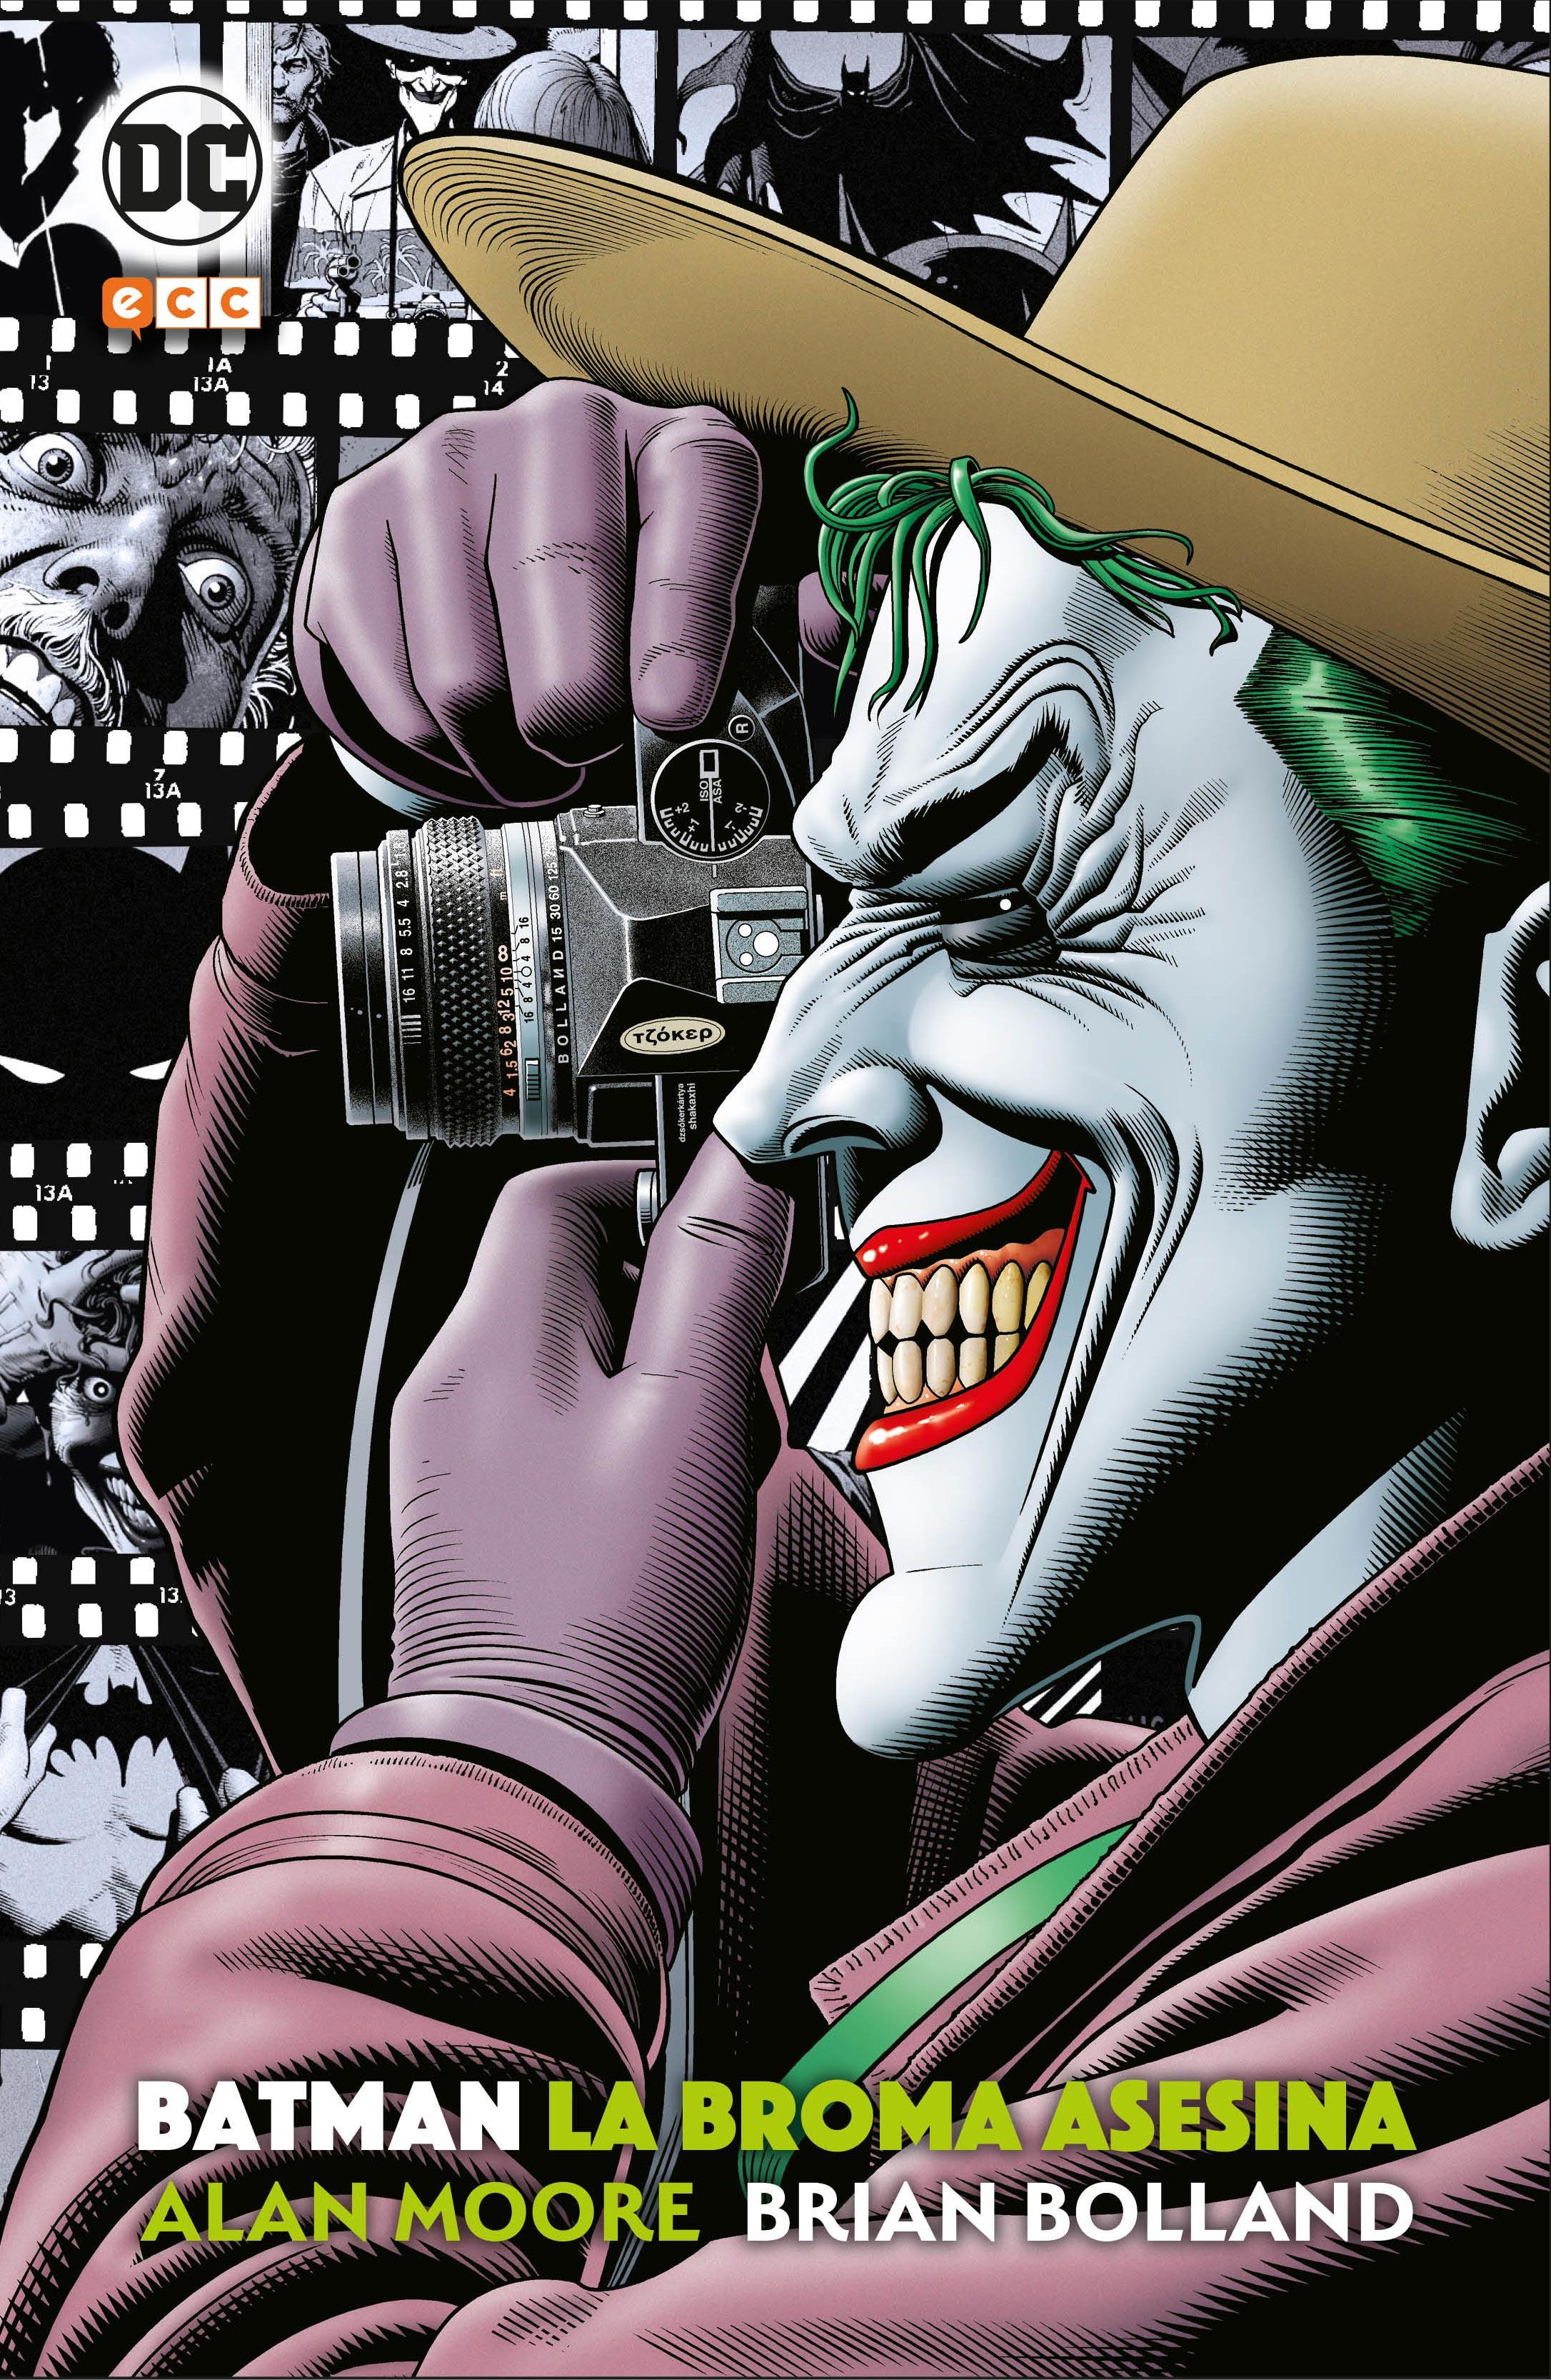 Batman: La Broma asesina (Nueva edición extendida)